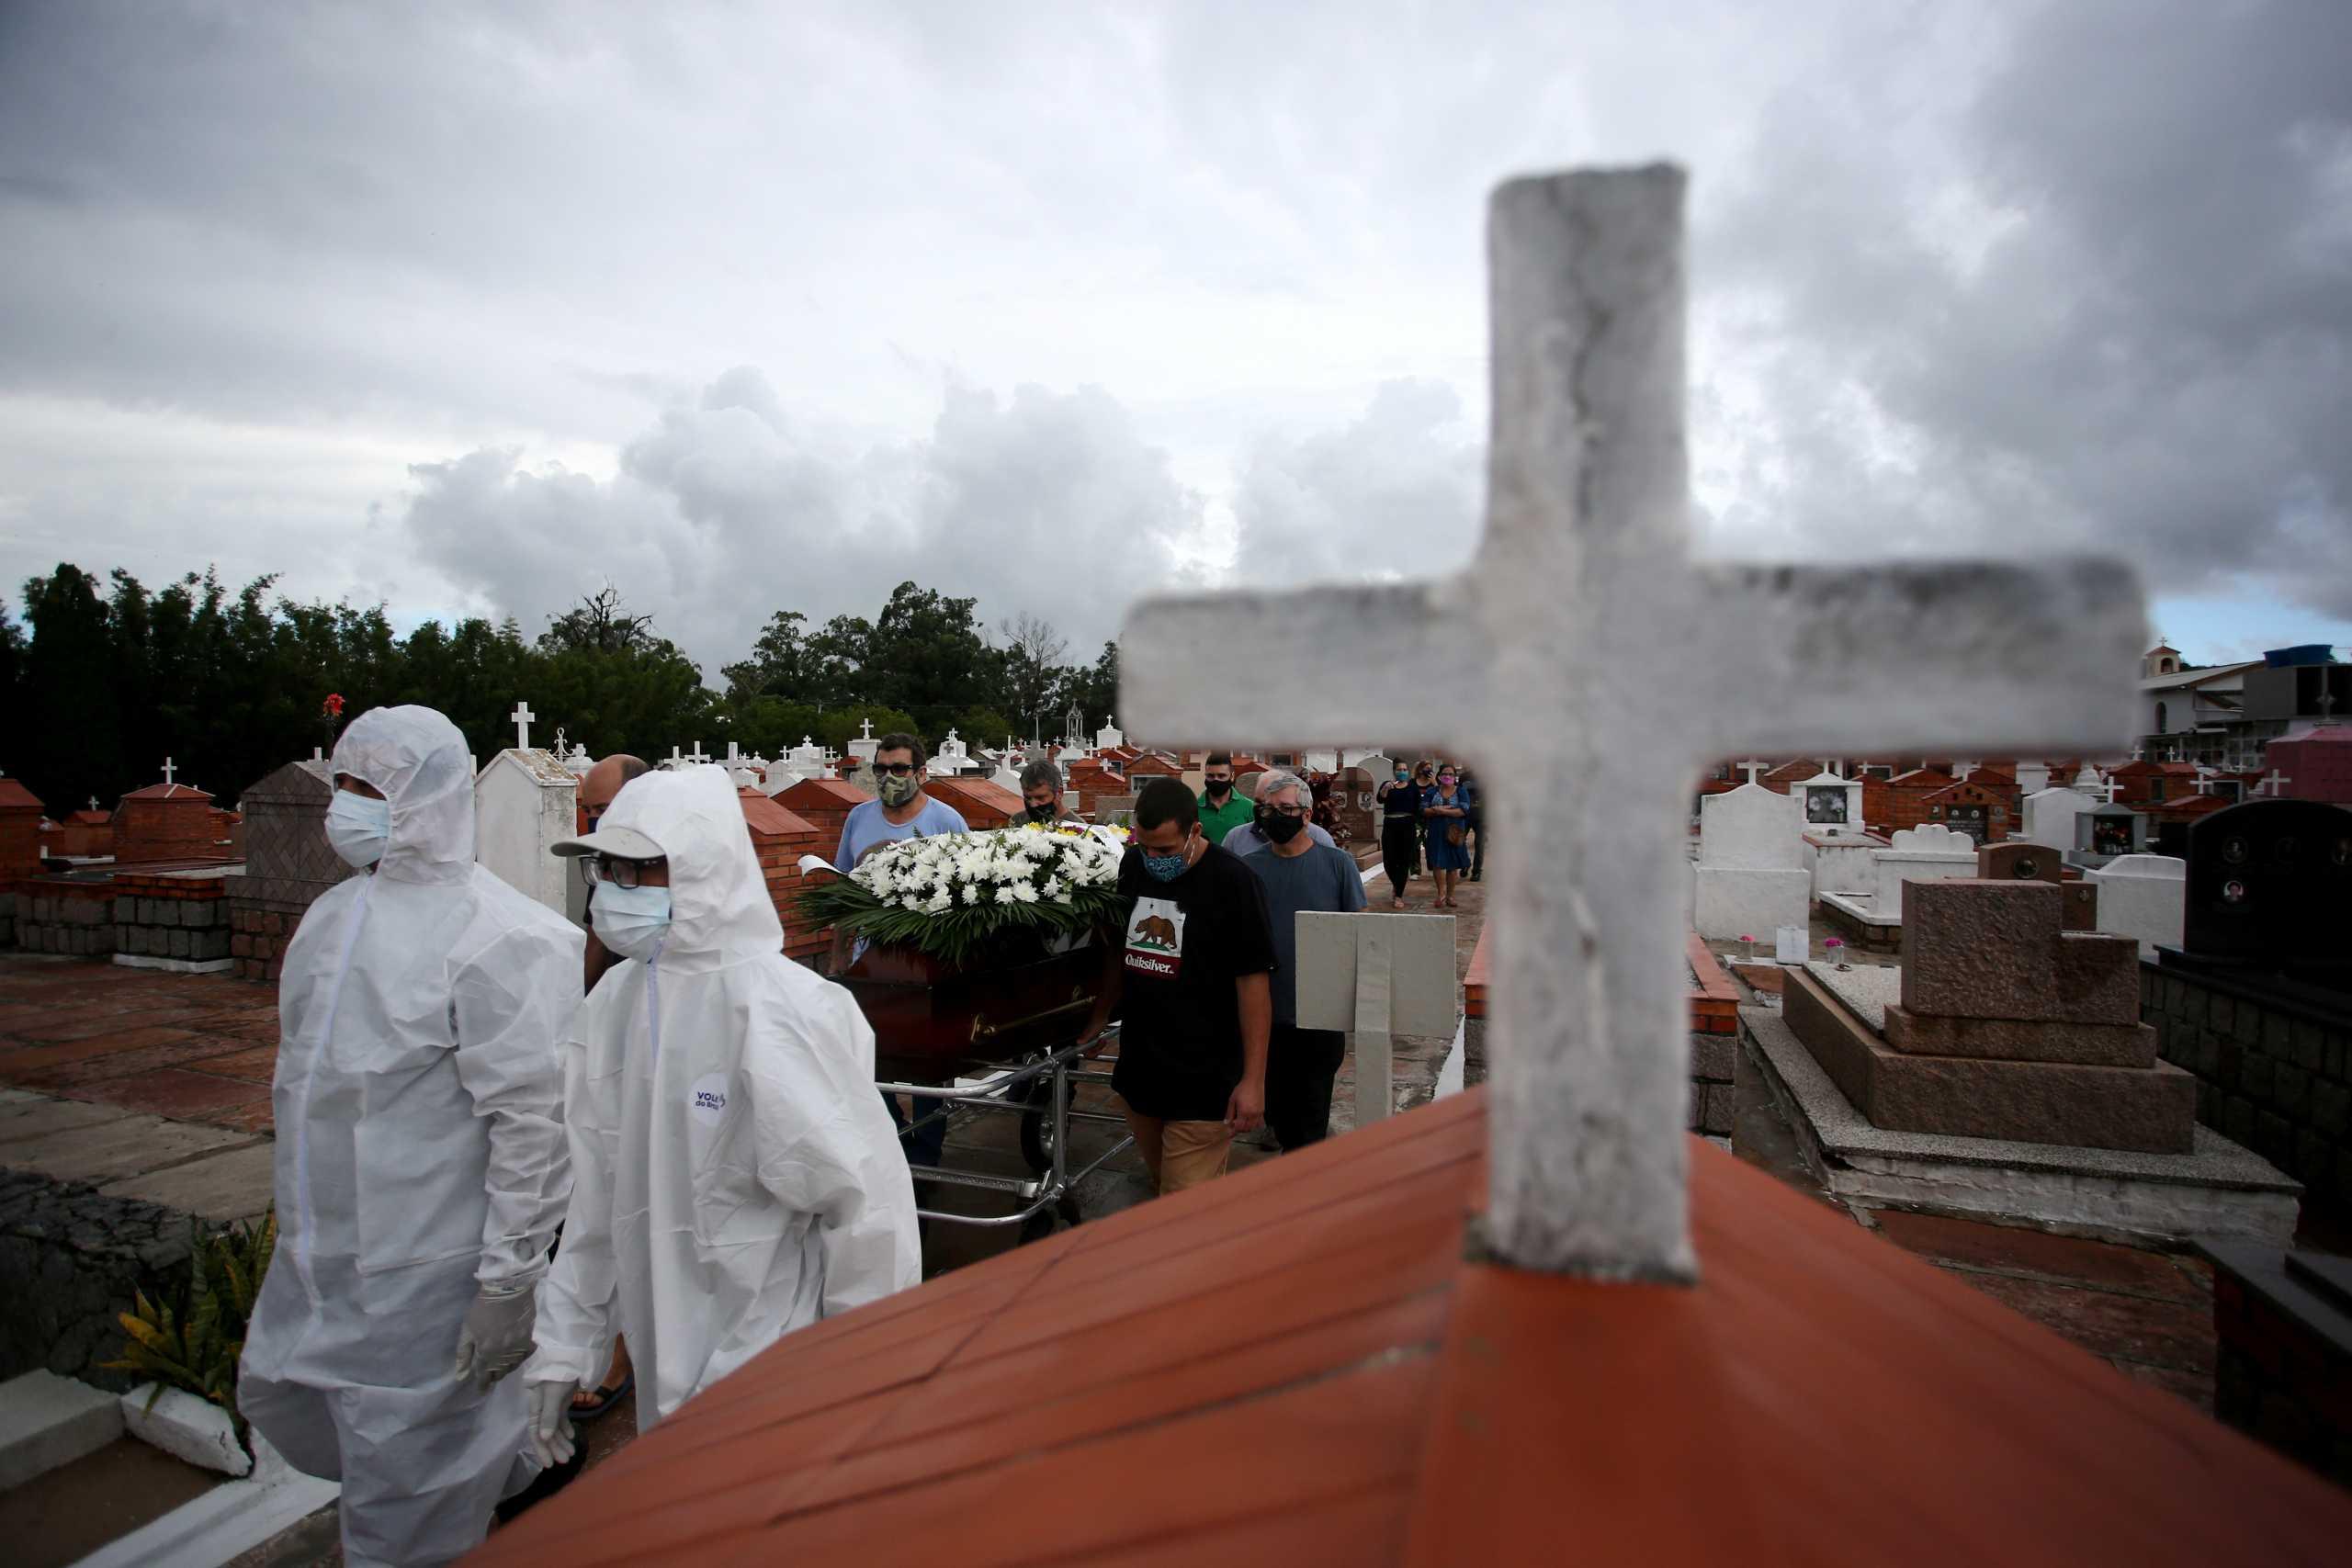 Ο κορονοϊός «σφυροκοπά» τη Βραζιλία: Νέο τραγικό ρεκόρ με 1.972 νεκρούς